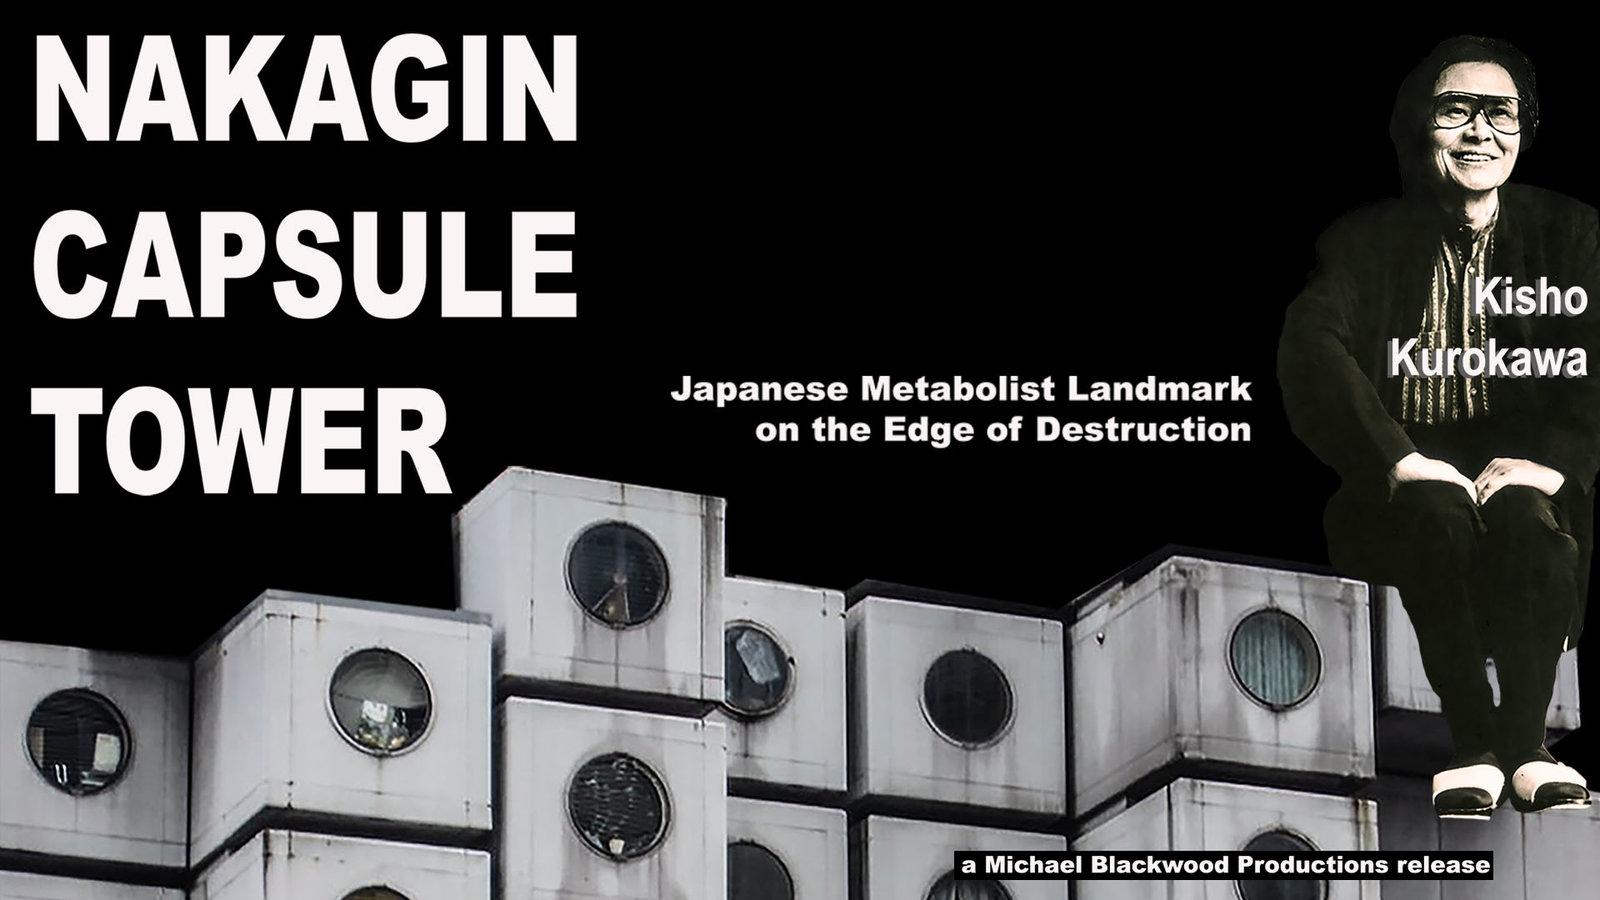 Nakagin Capsule Tower - Japanese Metabolist Landmark on the Edge of Destruction